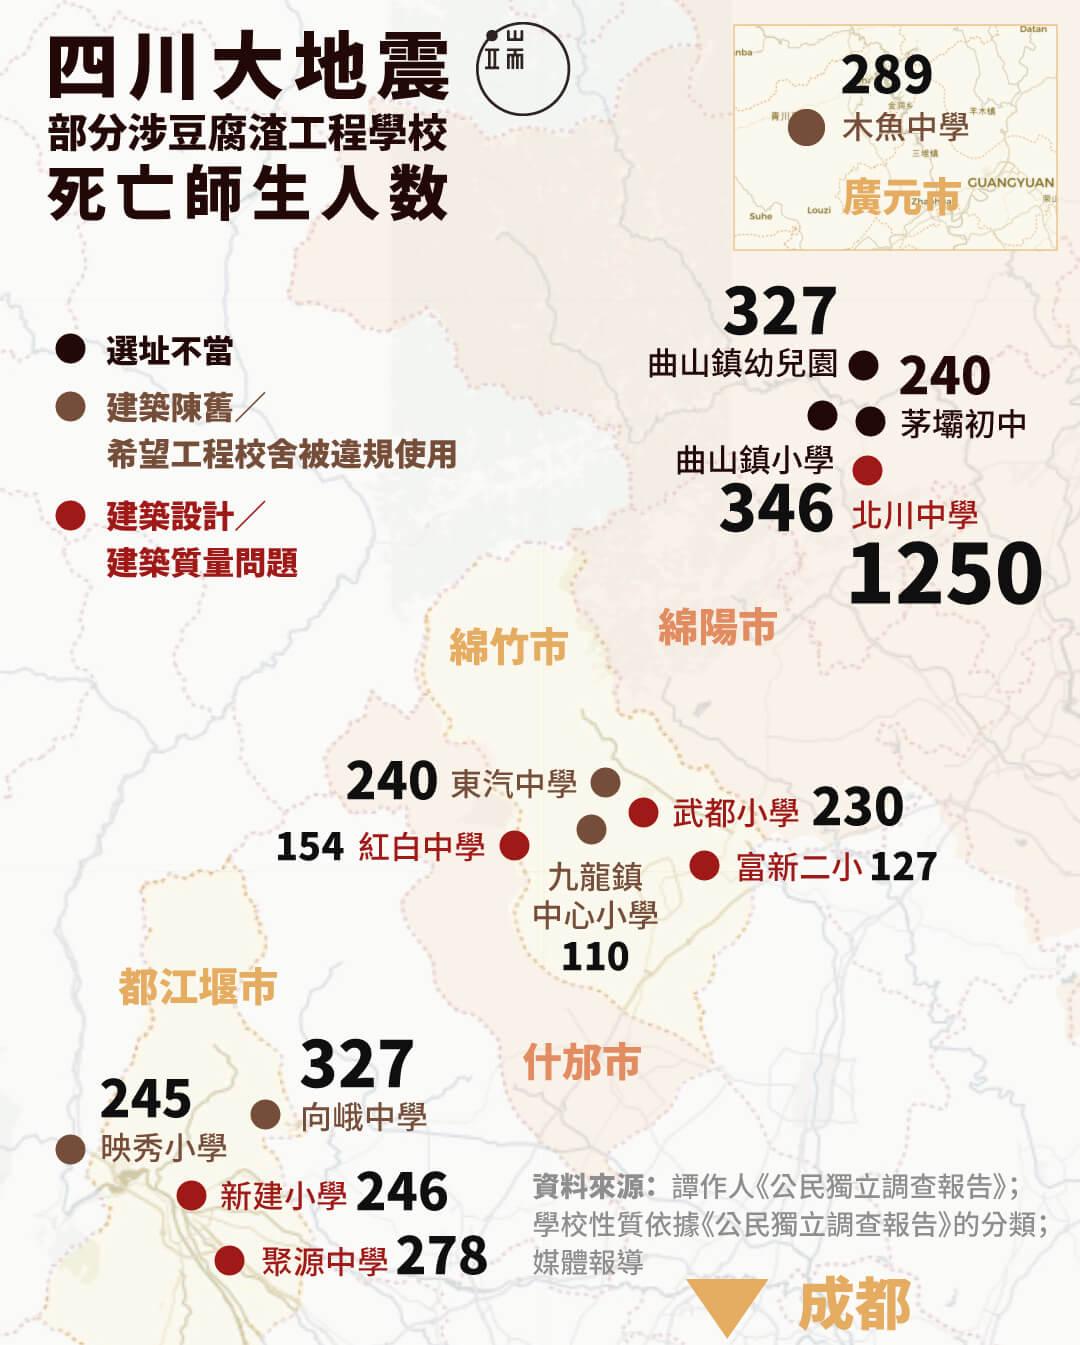 四川大地震部分涉豆腐渣工程學校的死亡師生人數。